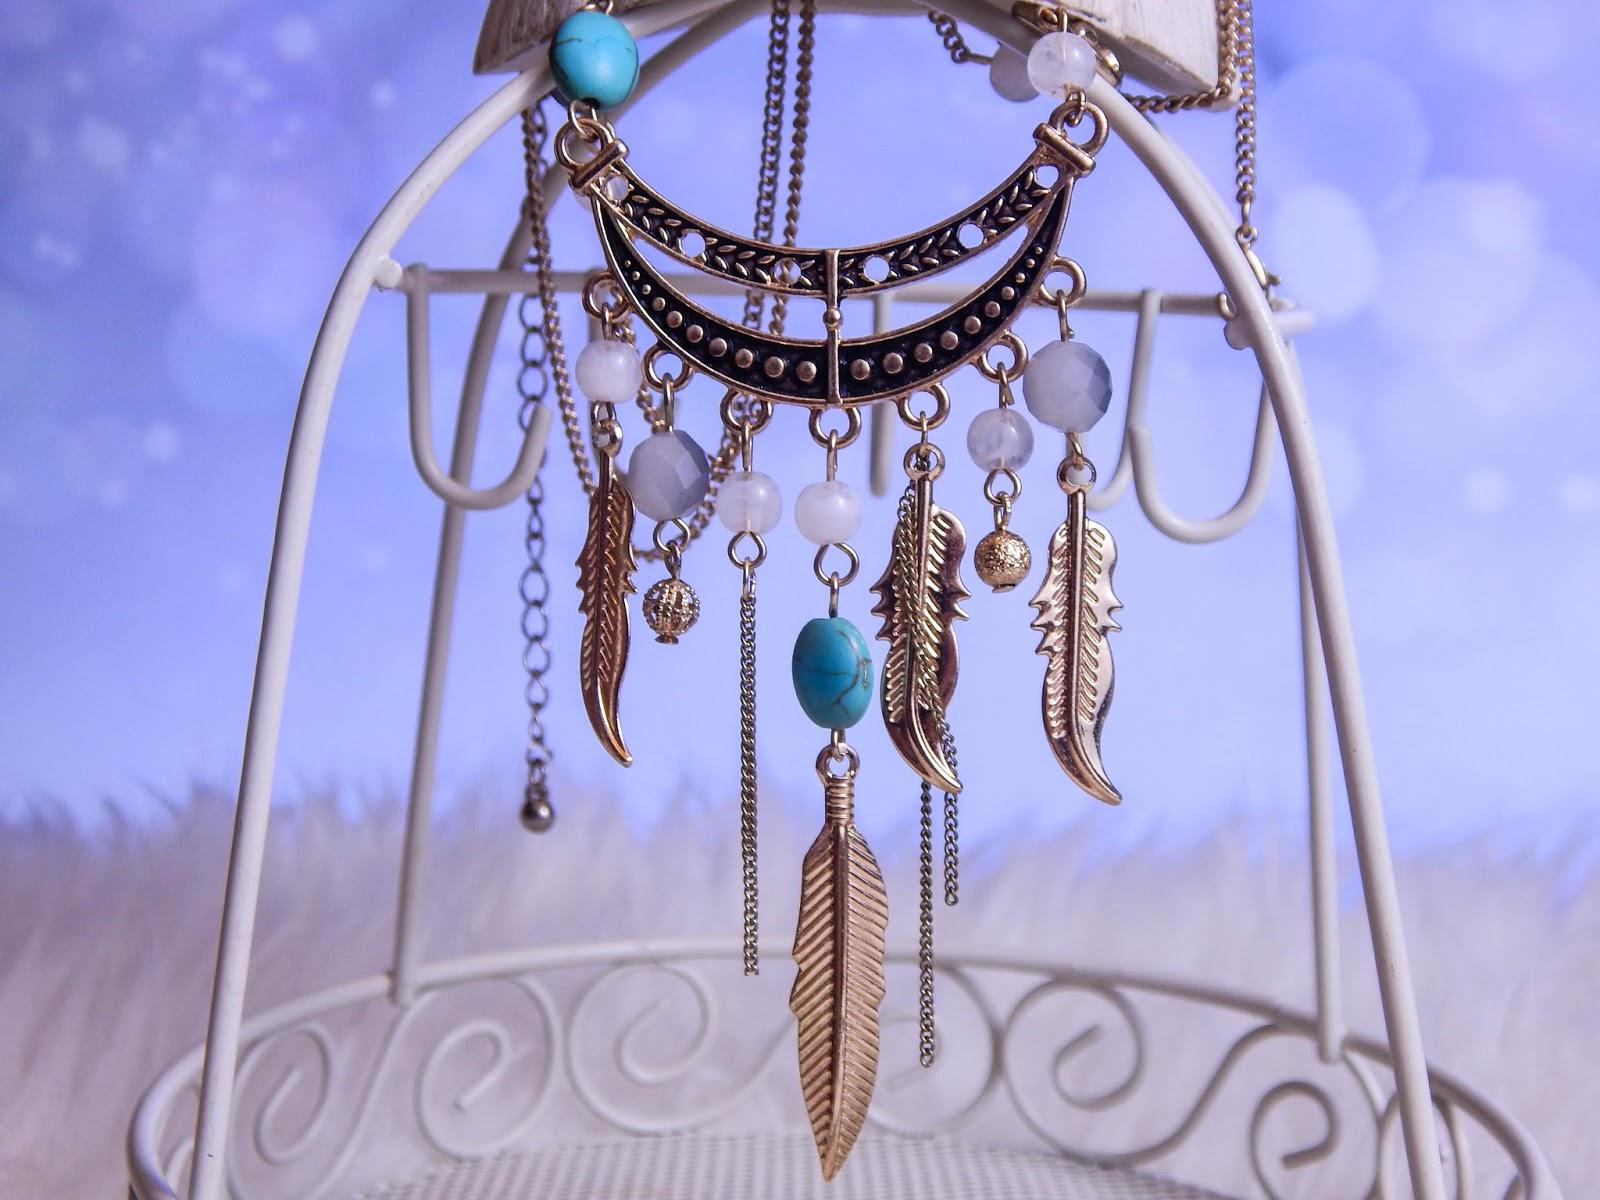 9 Biżuteria z chińskich sklepów sammydress kolczyk nausznica naszyjnik wisiorki z kryształkiem świąteczna biżuteria ciekawe dodatki stylowe zegarki pióra choker chokery złoty srebrny złoto srebro obelisk